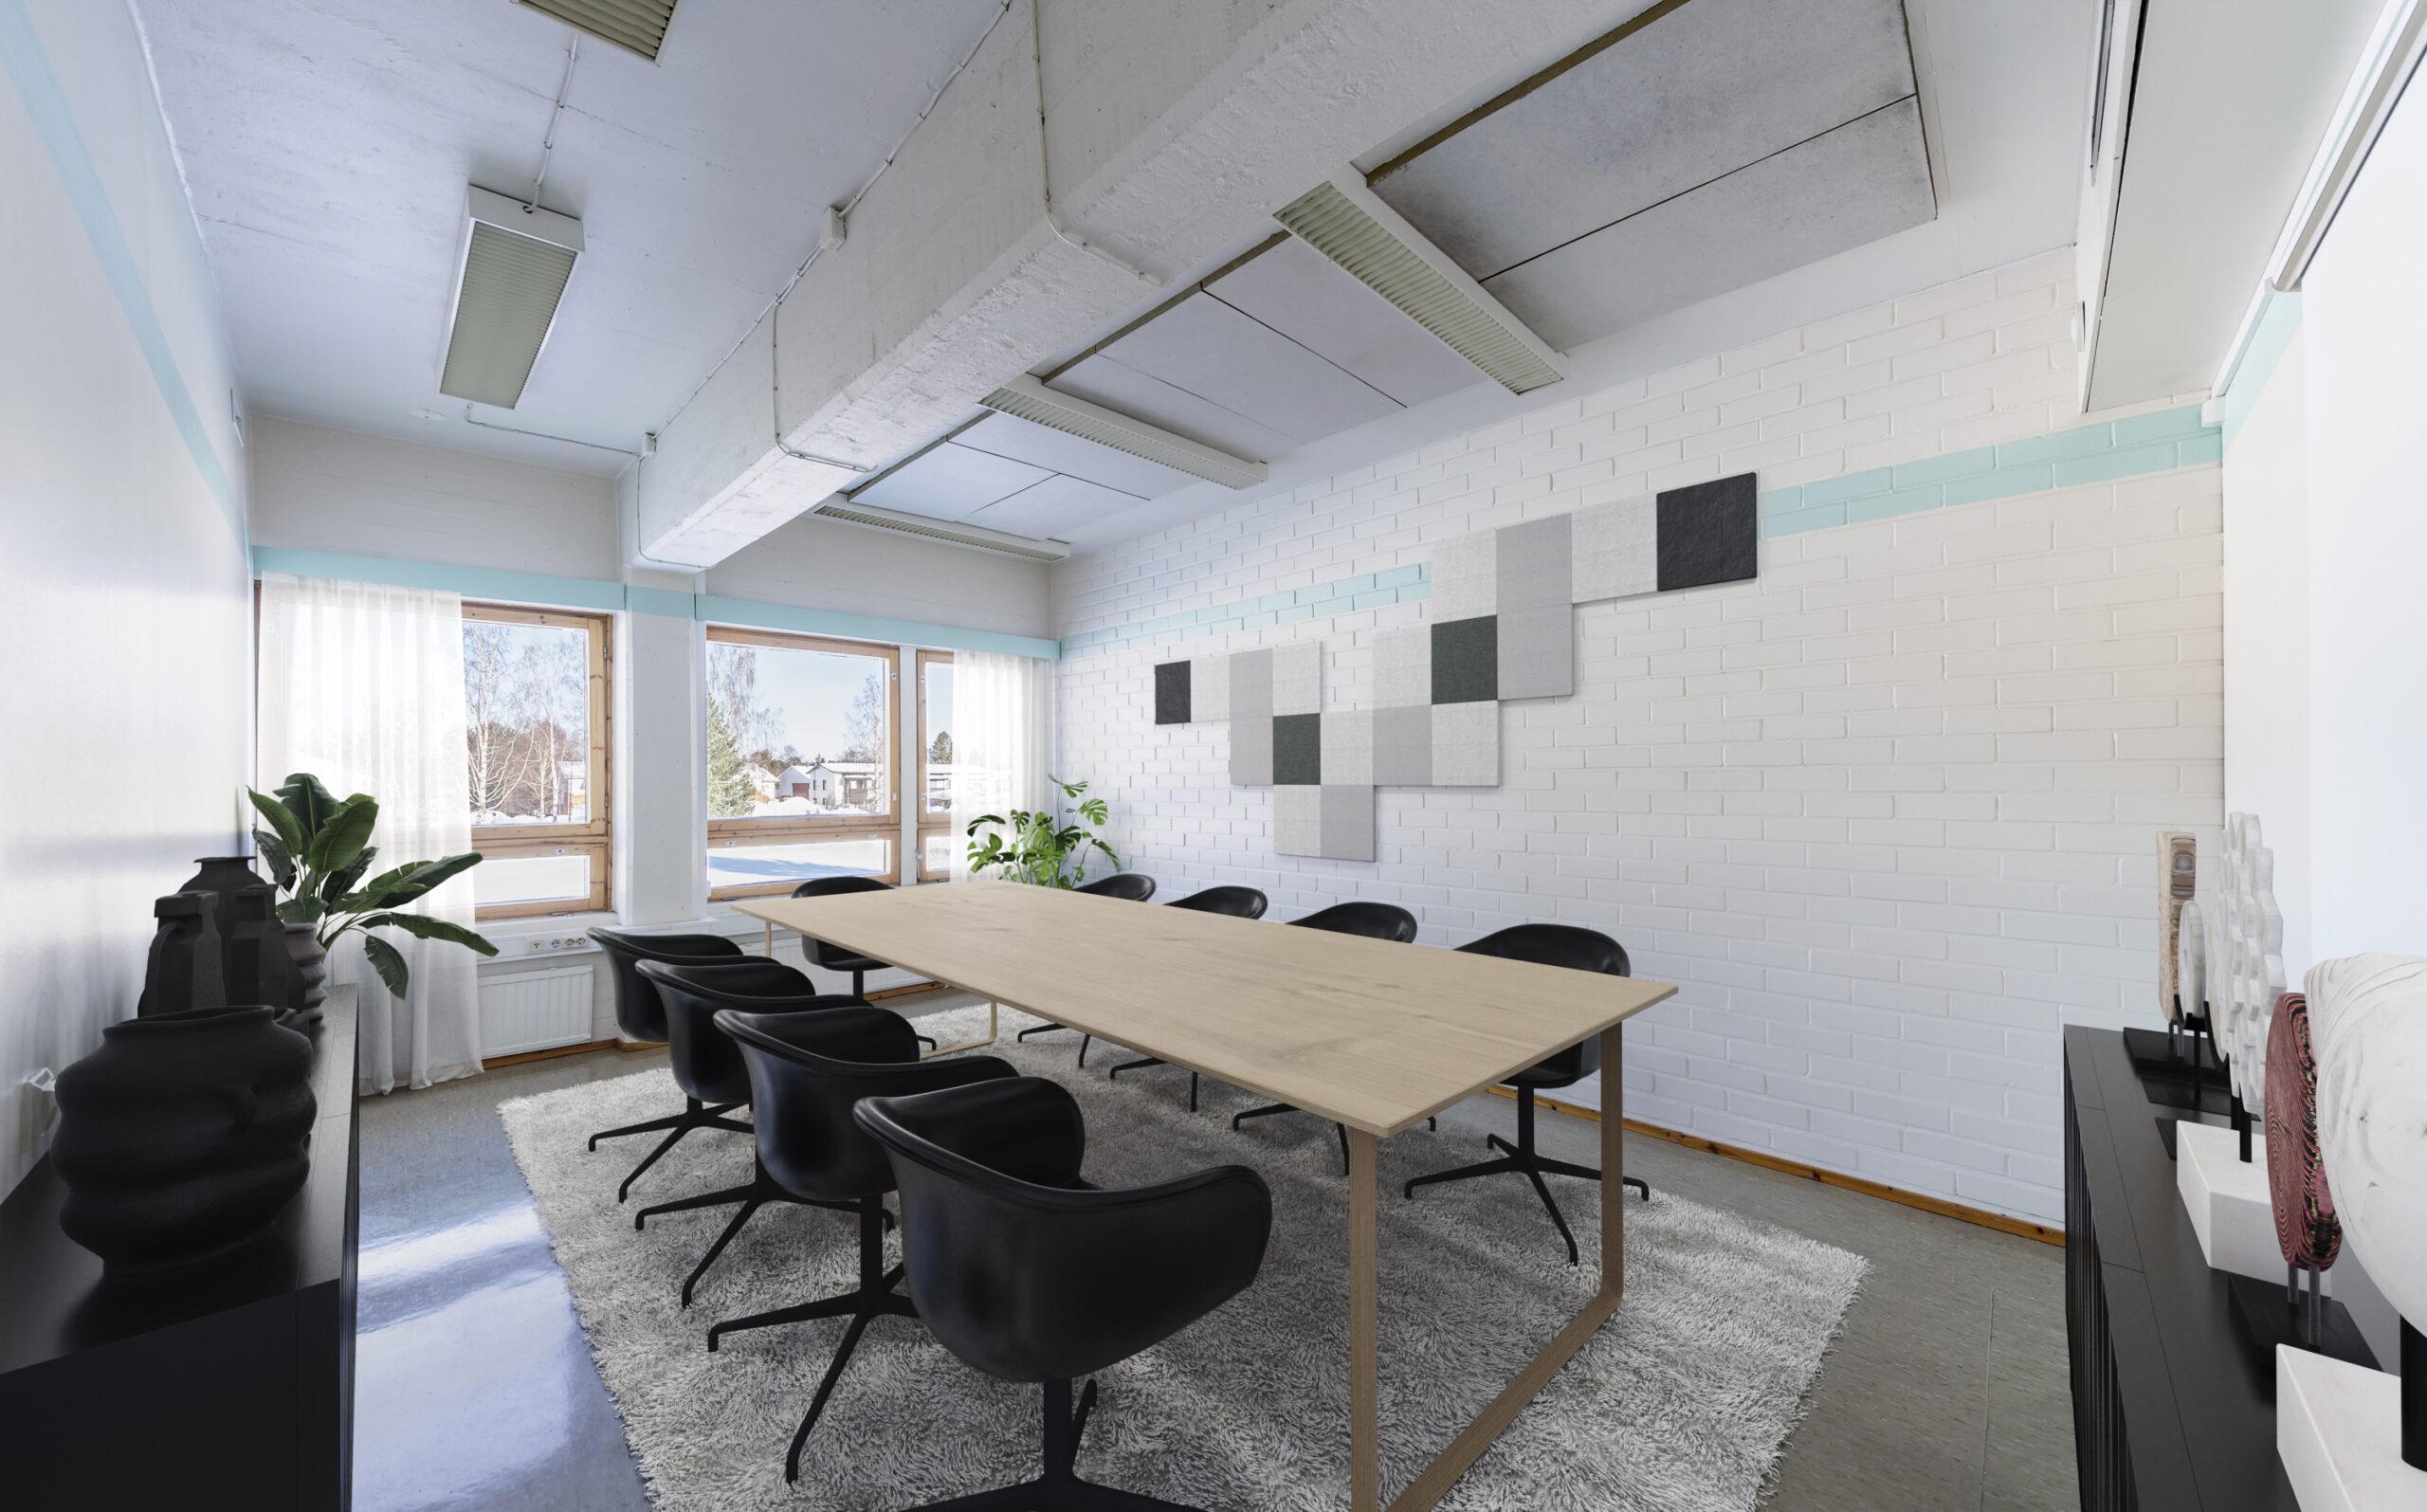 Digitaalisesti stailattu neuvotteluhuone, jossa keskellä moderni puupintainen pöytä ja yhdeksän mustaa tuolia työpöydän ympärillä. Viherkasveja sekä muuta sisustusta. Ikkunoista paistaa aurinko. Työhuoneen vuokraus onnistuu tästäkin toimitilasta.